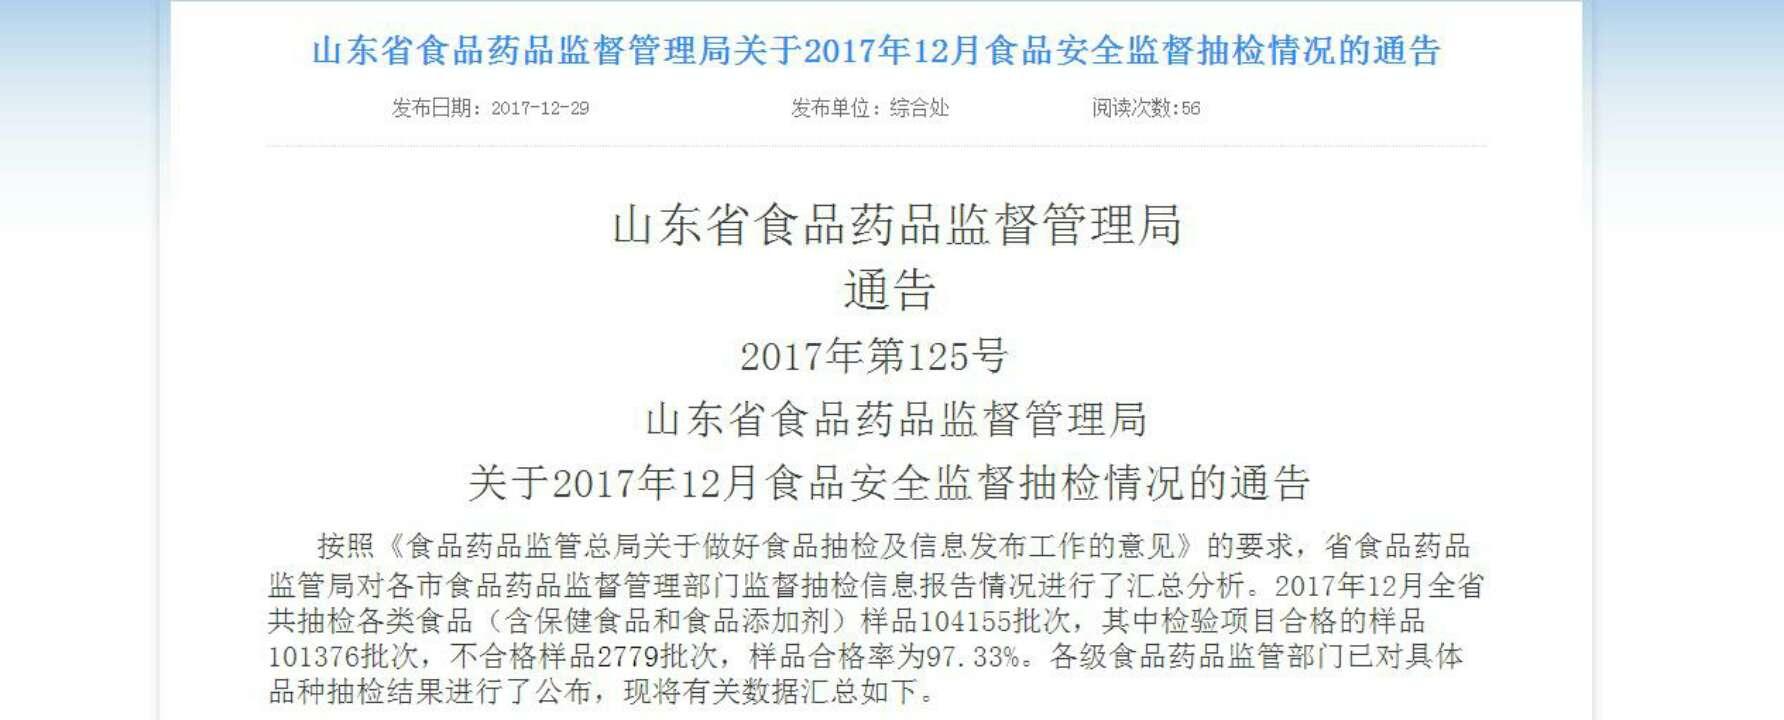 山东食药监12月食品安全抽检情况 样品合格率97.33%